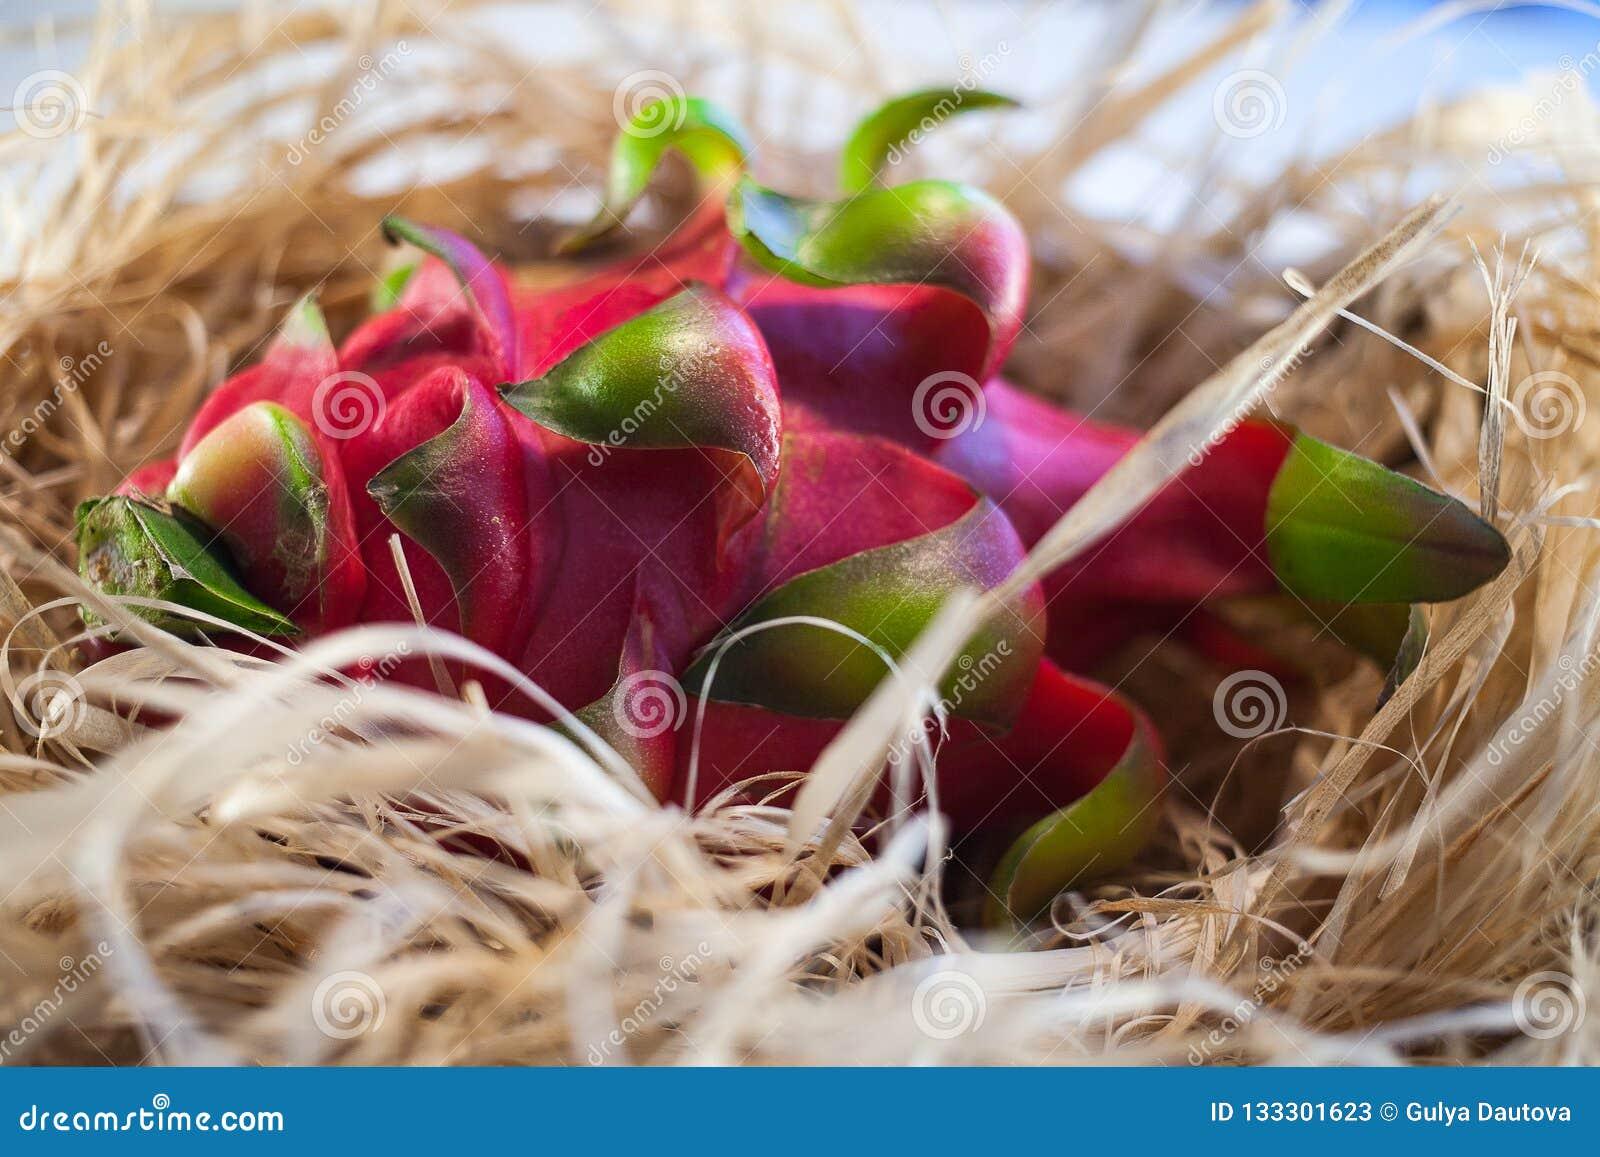 Drachefrucht auf dem Stroh